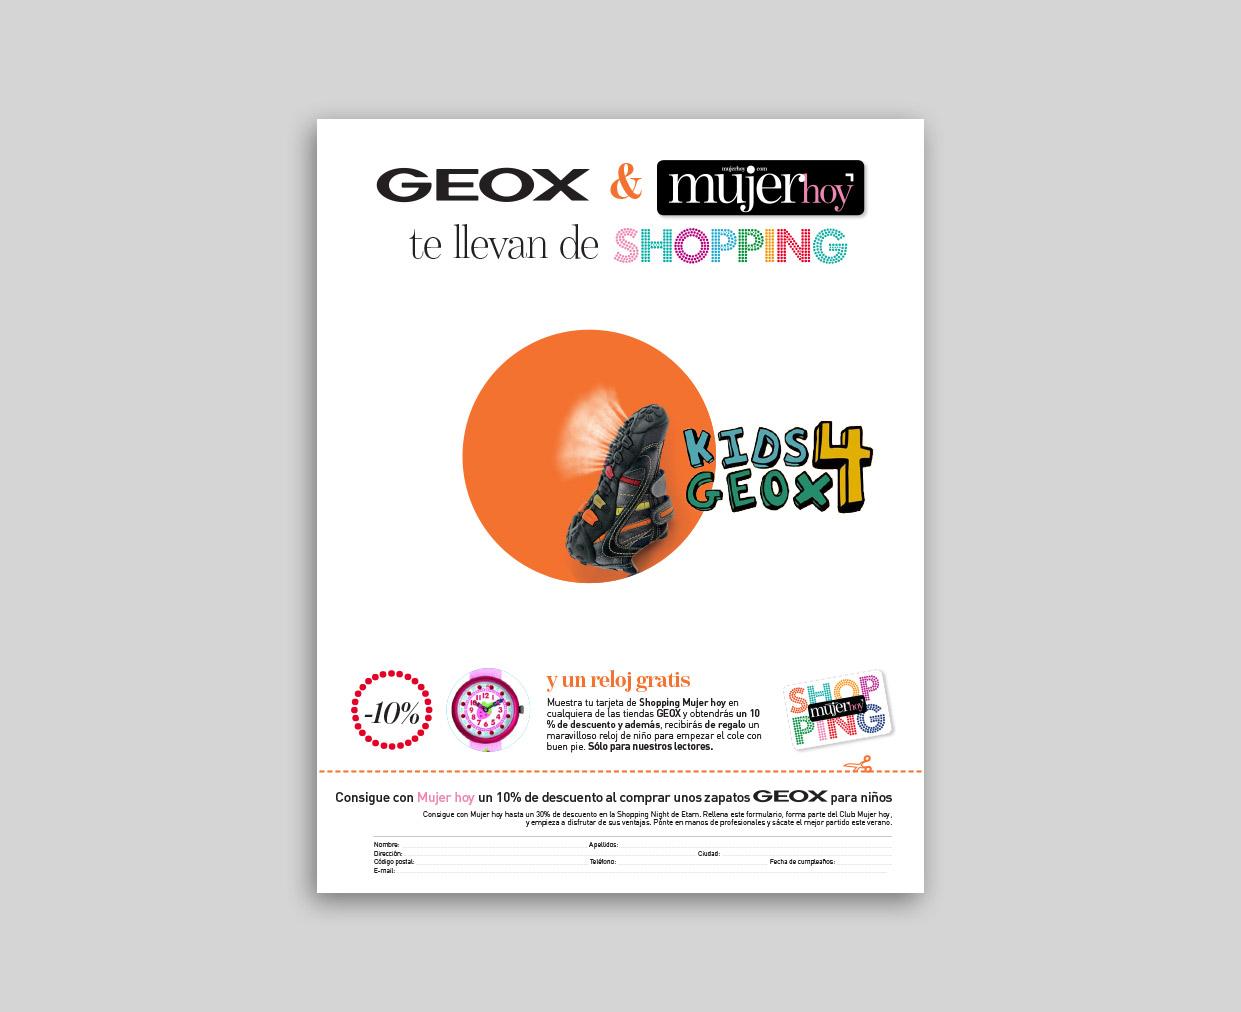 Geox-publicidad-02.jpg